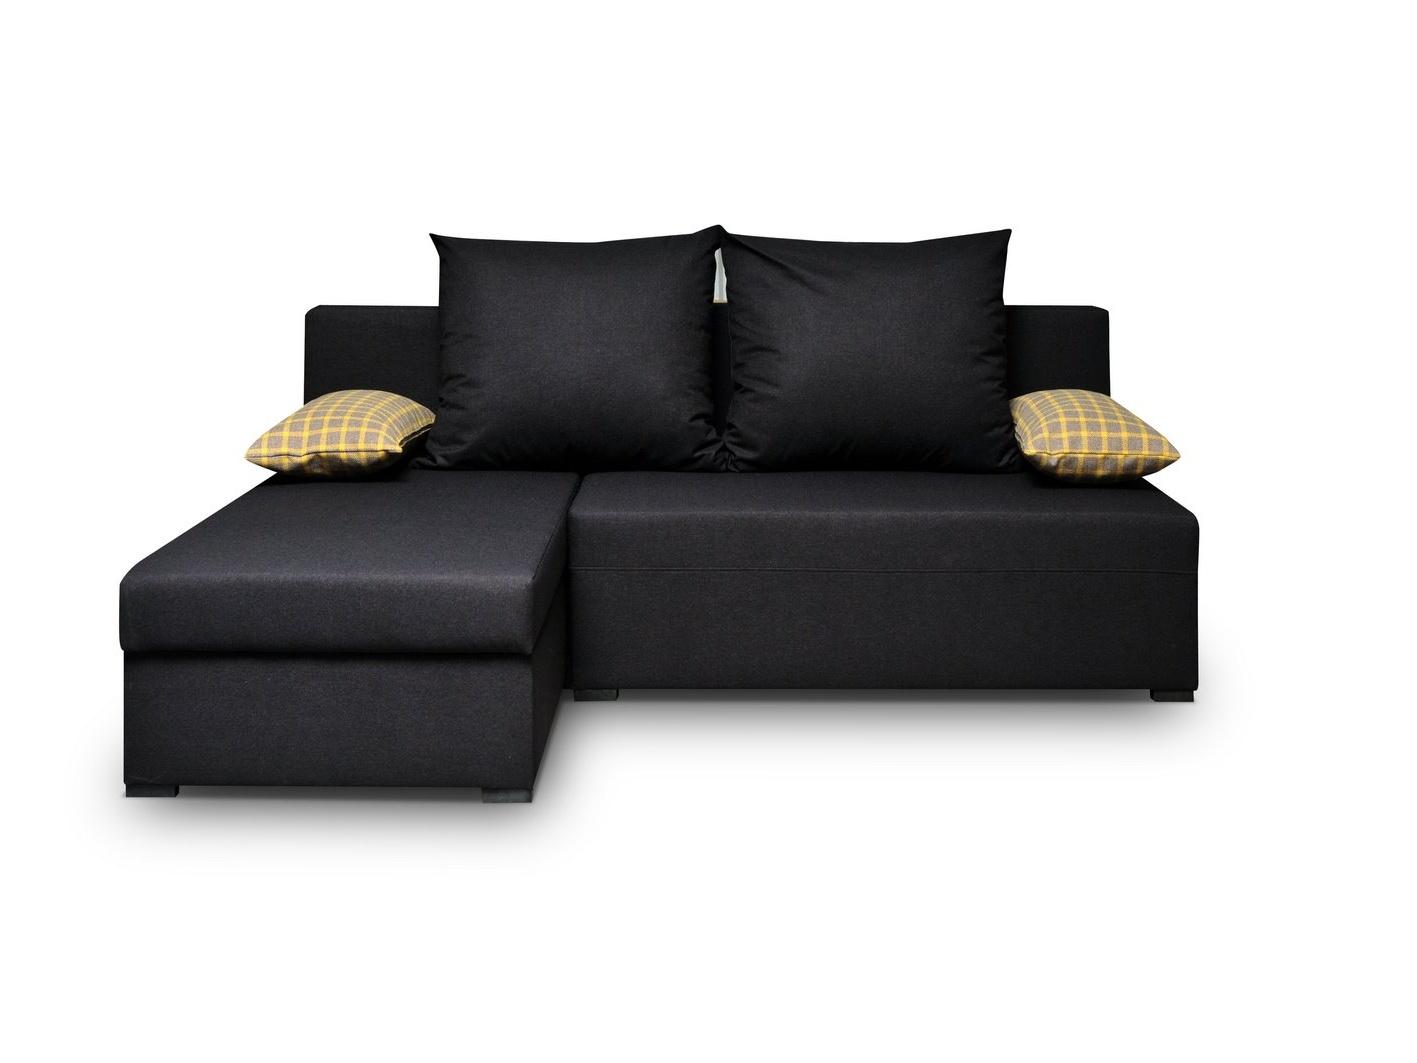 Smartshop Rohová sedačka SANO 3, černá látka